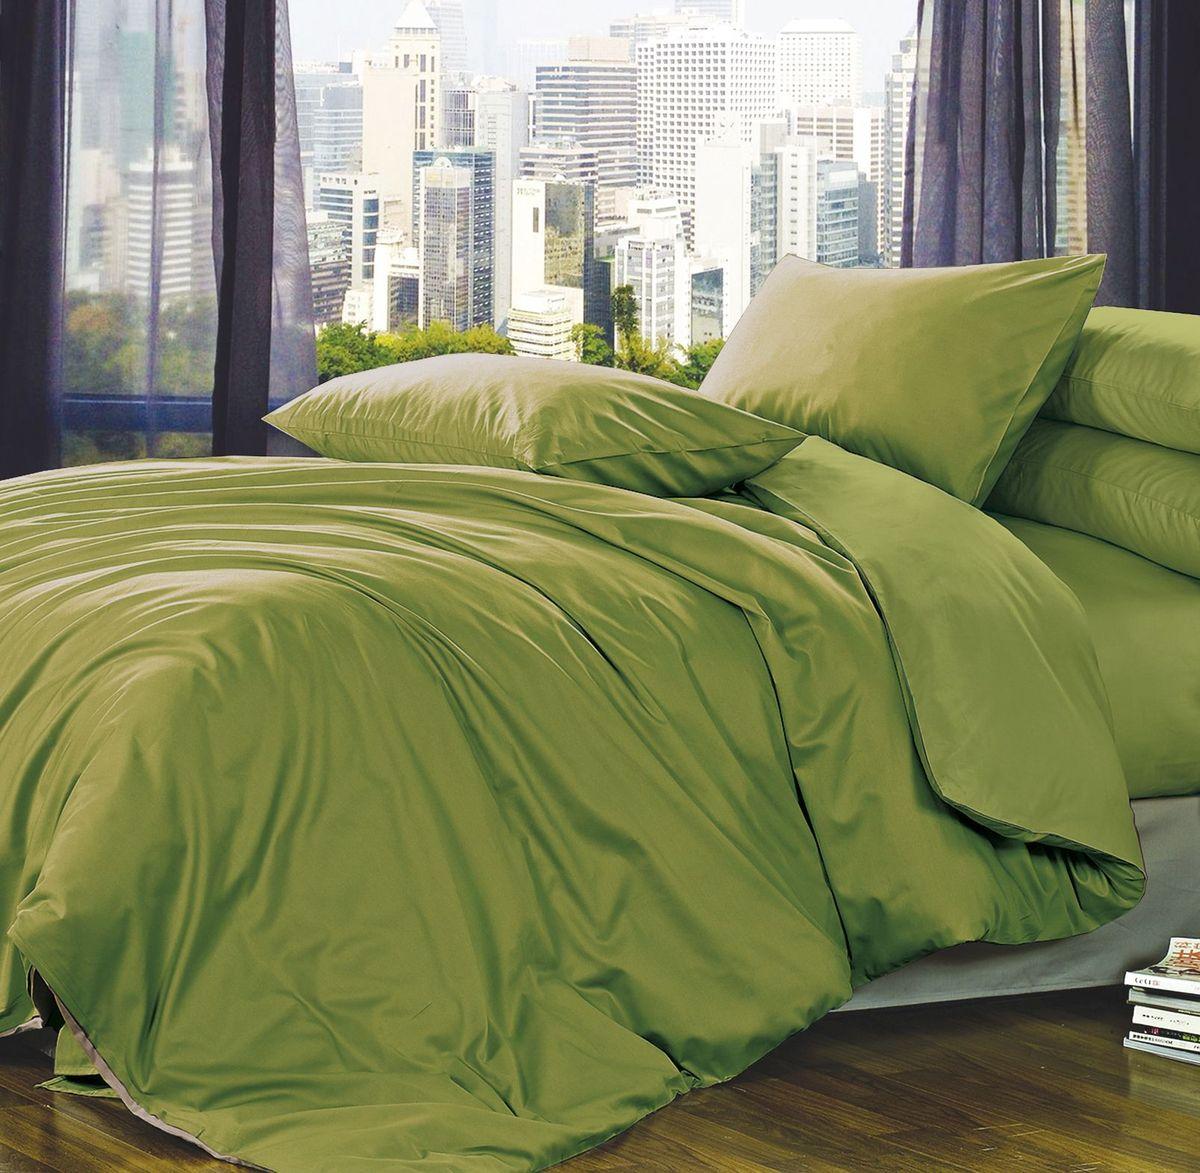 Комплект белья Коллекция Зеленый, семейный, наволочки 70x70 смПС5/70/ОЗ/зелКомплект постельного белья Коллекция Зеленый выполнен из полисатина. Комплект состоит из двух пододеяльников, простыни и двух наволочек. Тонкое, средней плотности, с шелковистой поверхностью и приятным блеском постельное белье устойчиво к износу, не выгорает, не линяет, рассчитано на многократные стирки. Двойная скрутка волокон позволяет получать довольно плотный, прочный на разрыв материал. Легко отстирывается, быстро сохнет и самой важно для хозяек - не мнется!